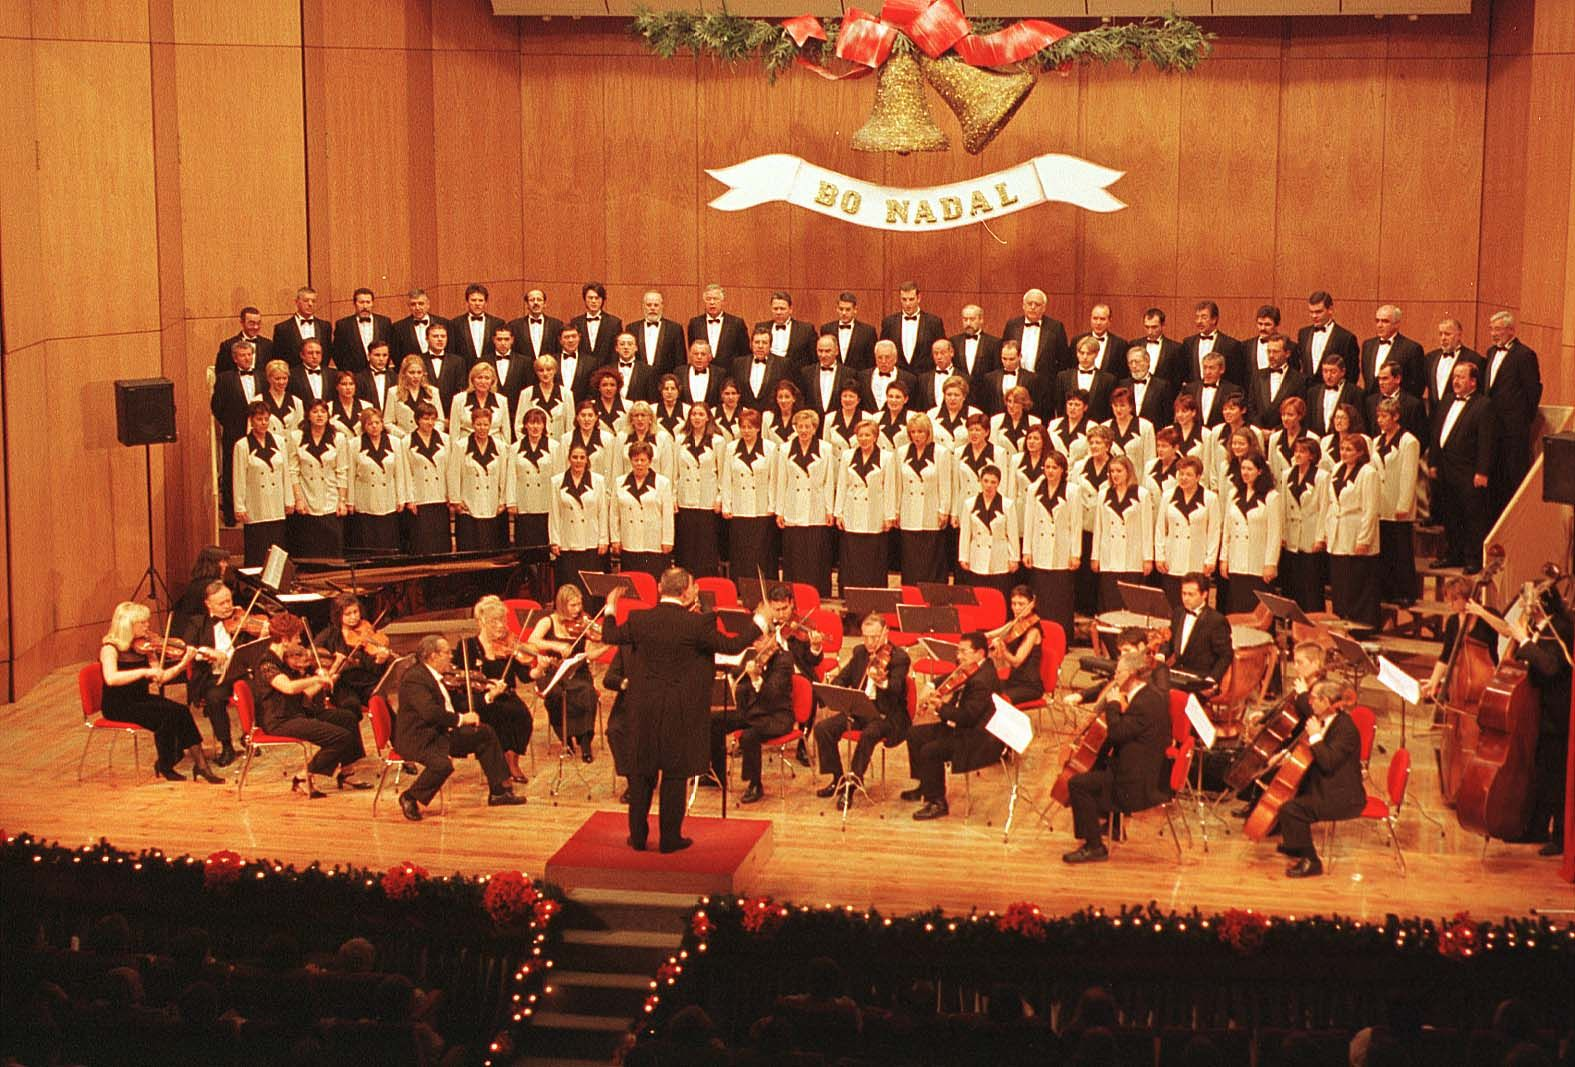 Concierto de Navidad de la Coral Casablanca en 1999_J de Arcos.jpg